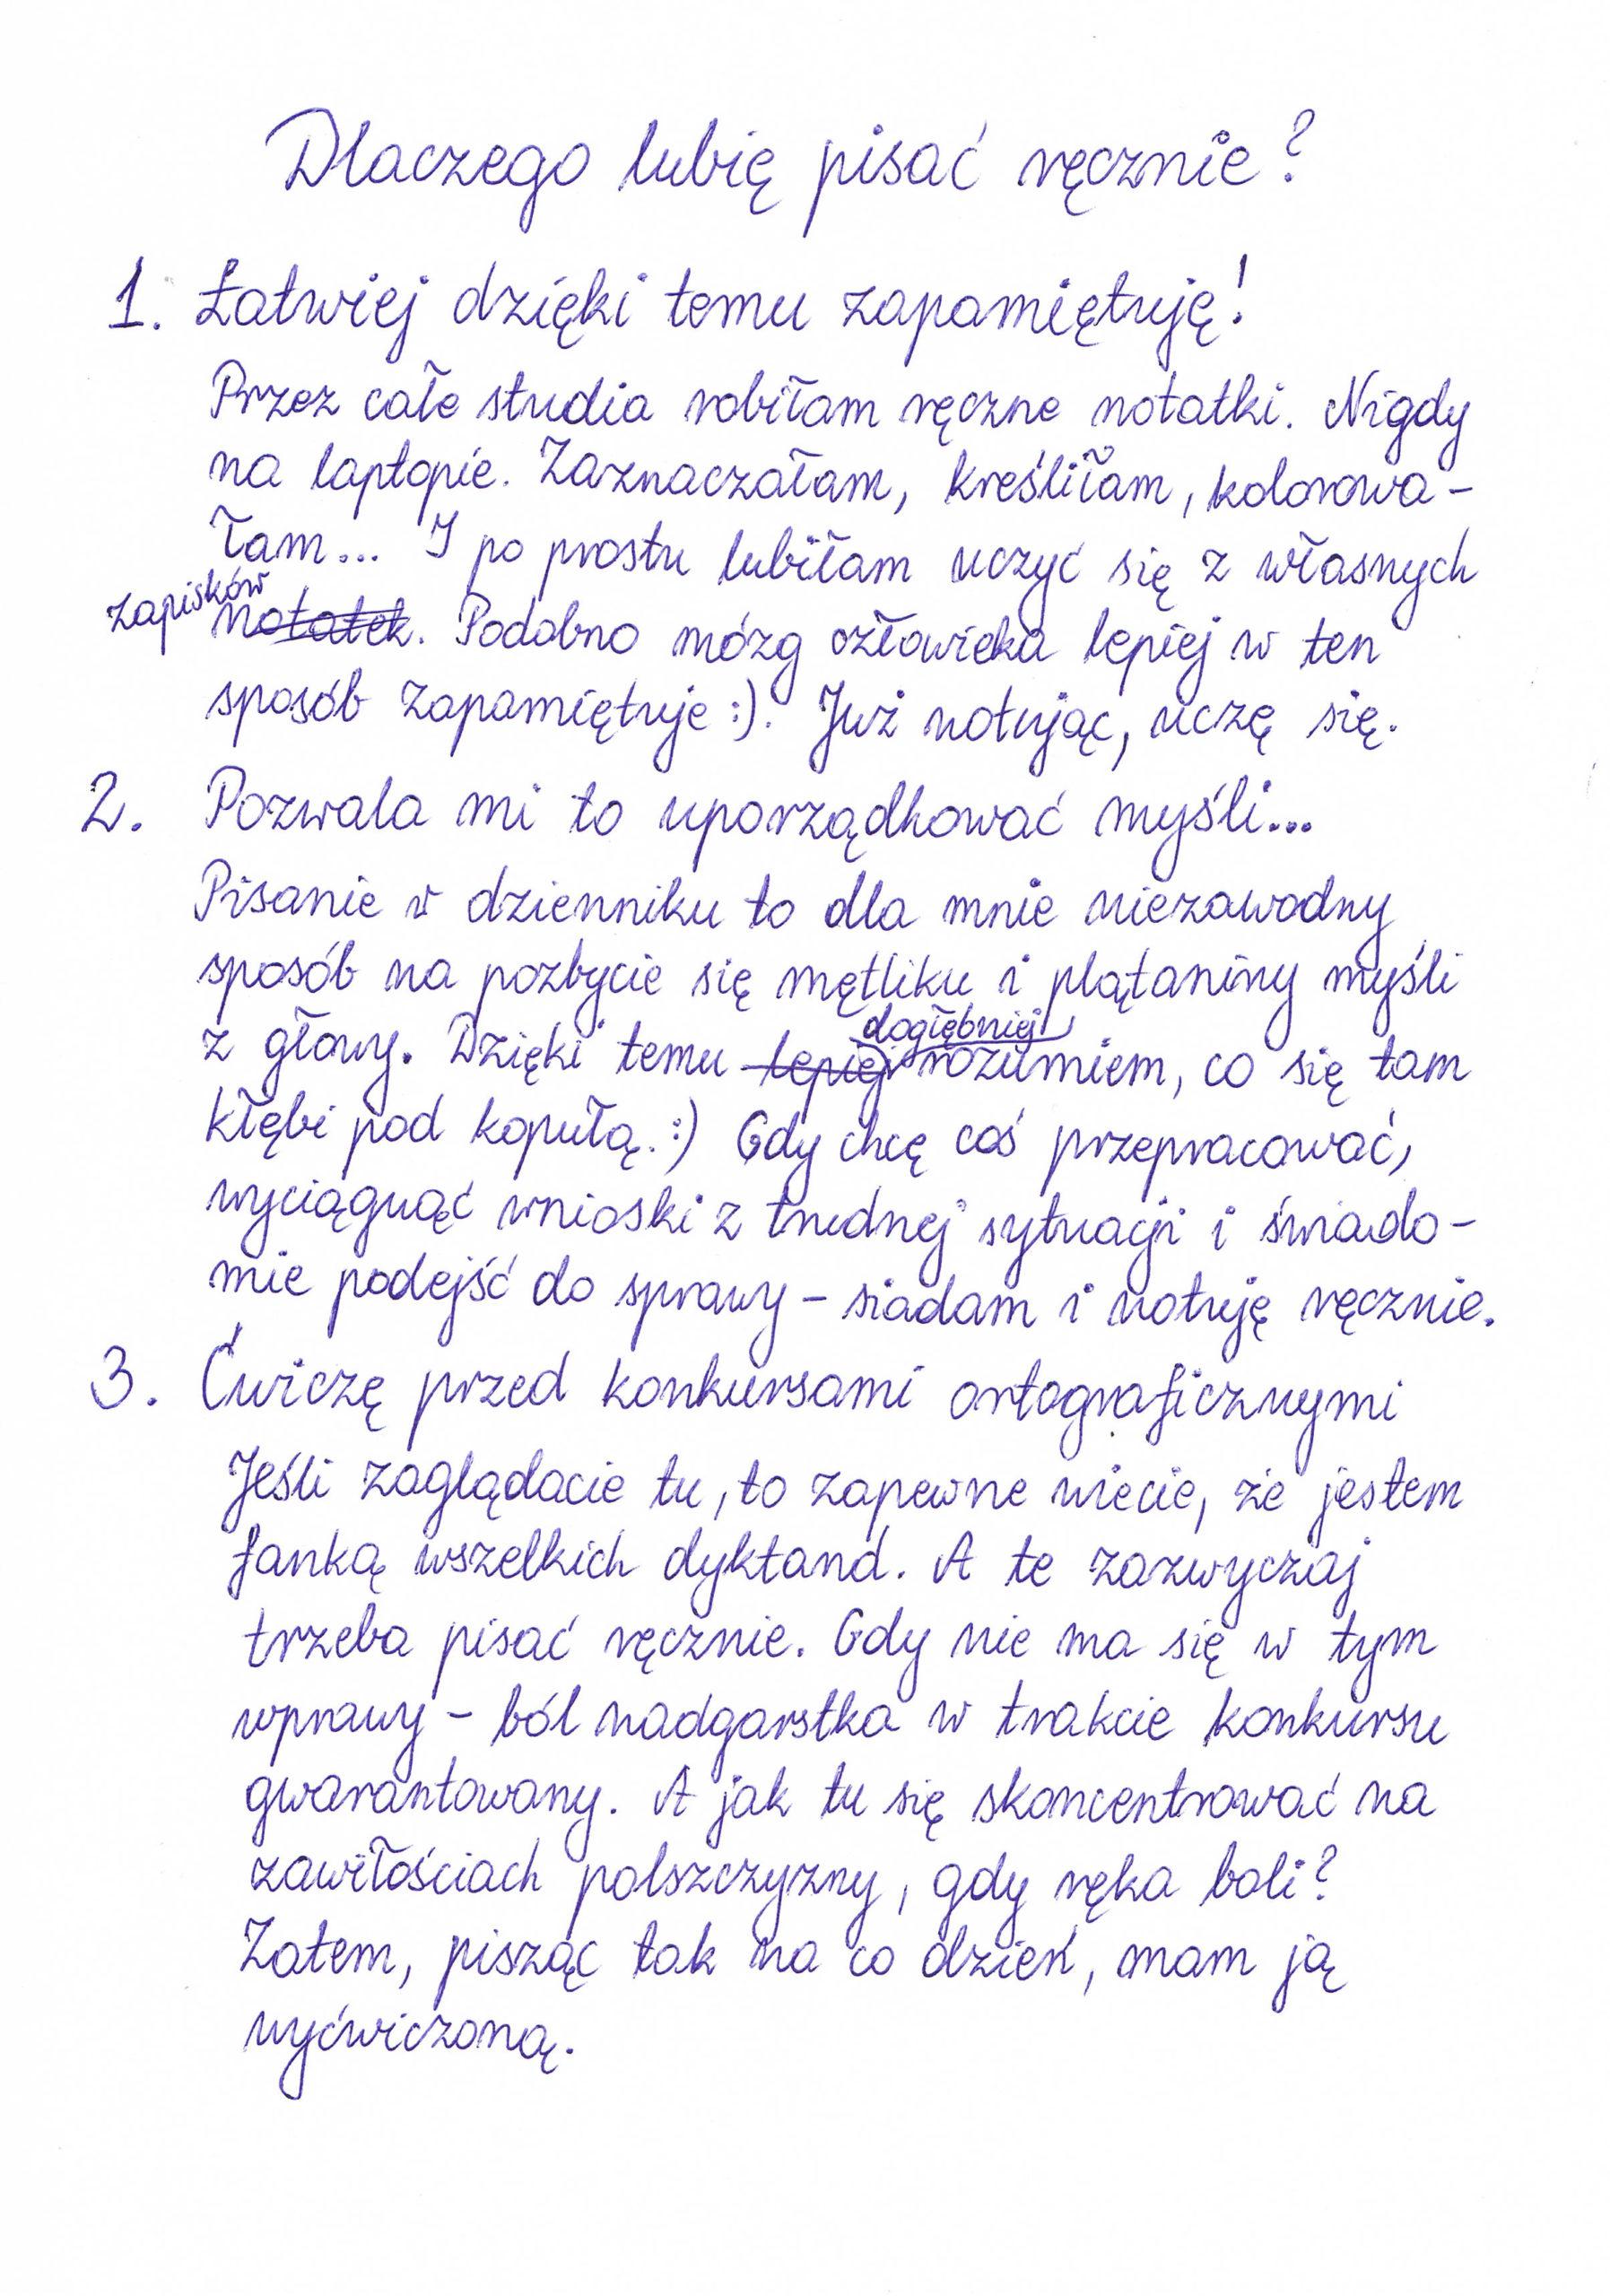 3 powody, dla których lubię pisać ręcznie